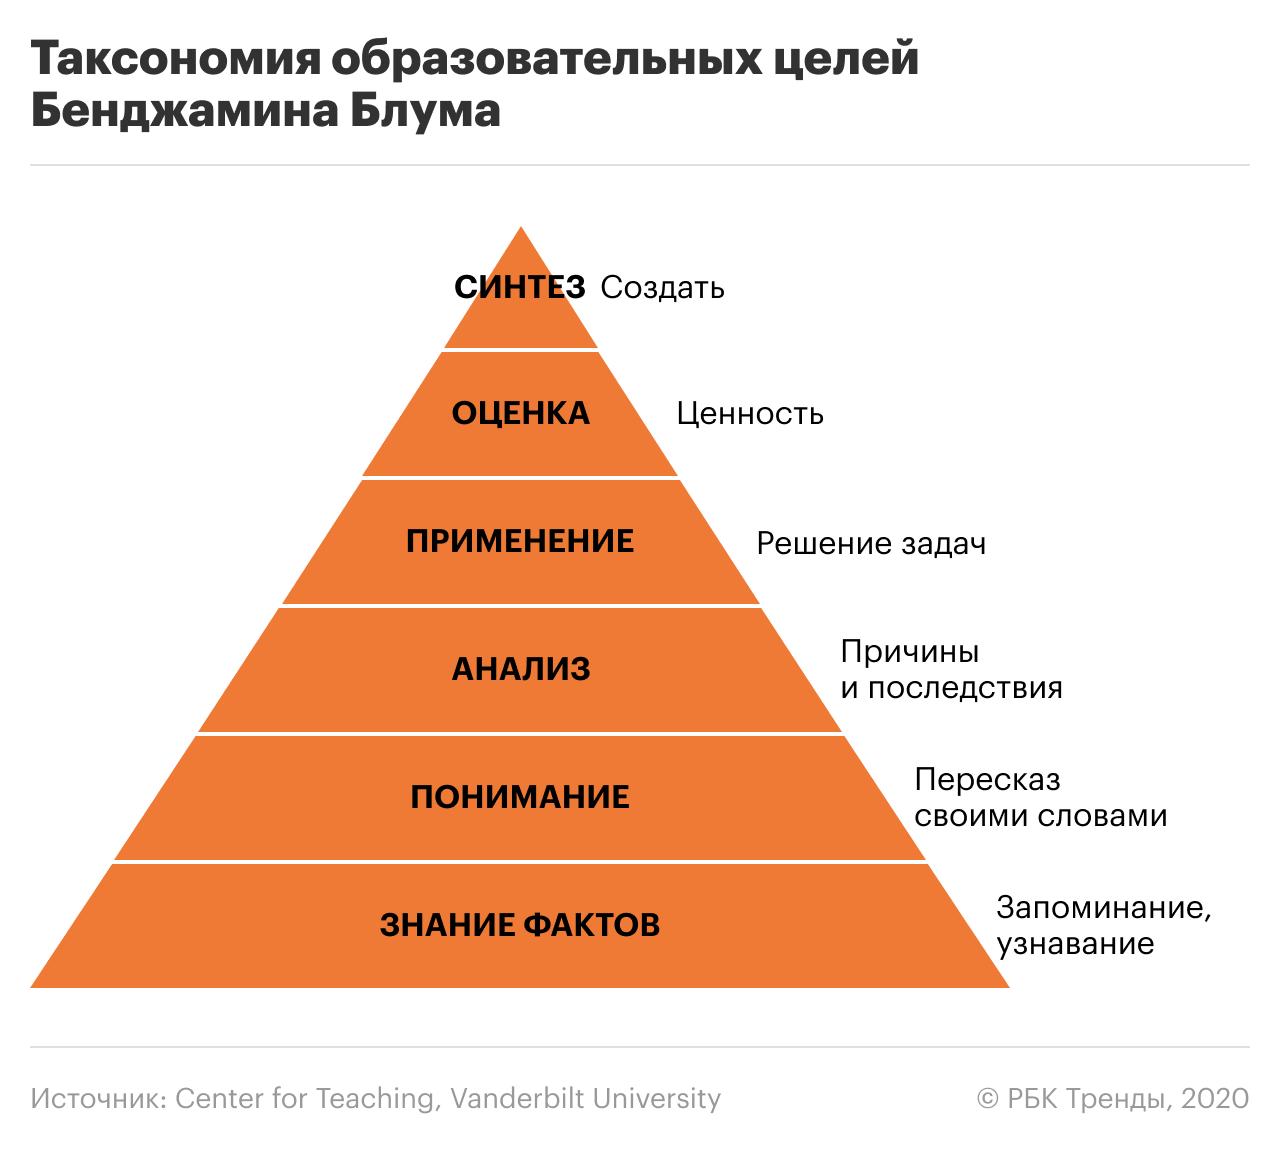 Таксономия образовательных целей Бенджамина Блума